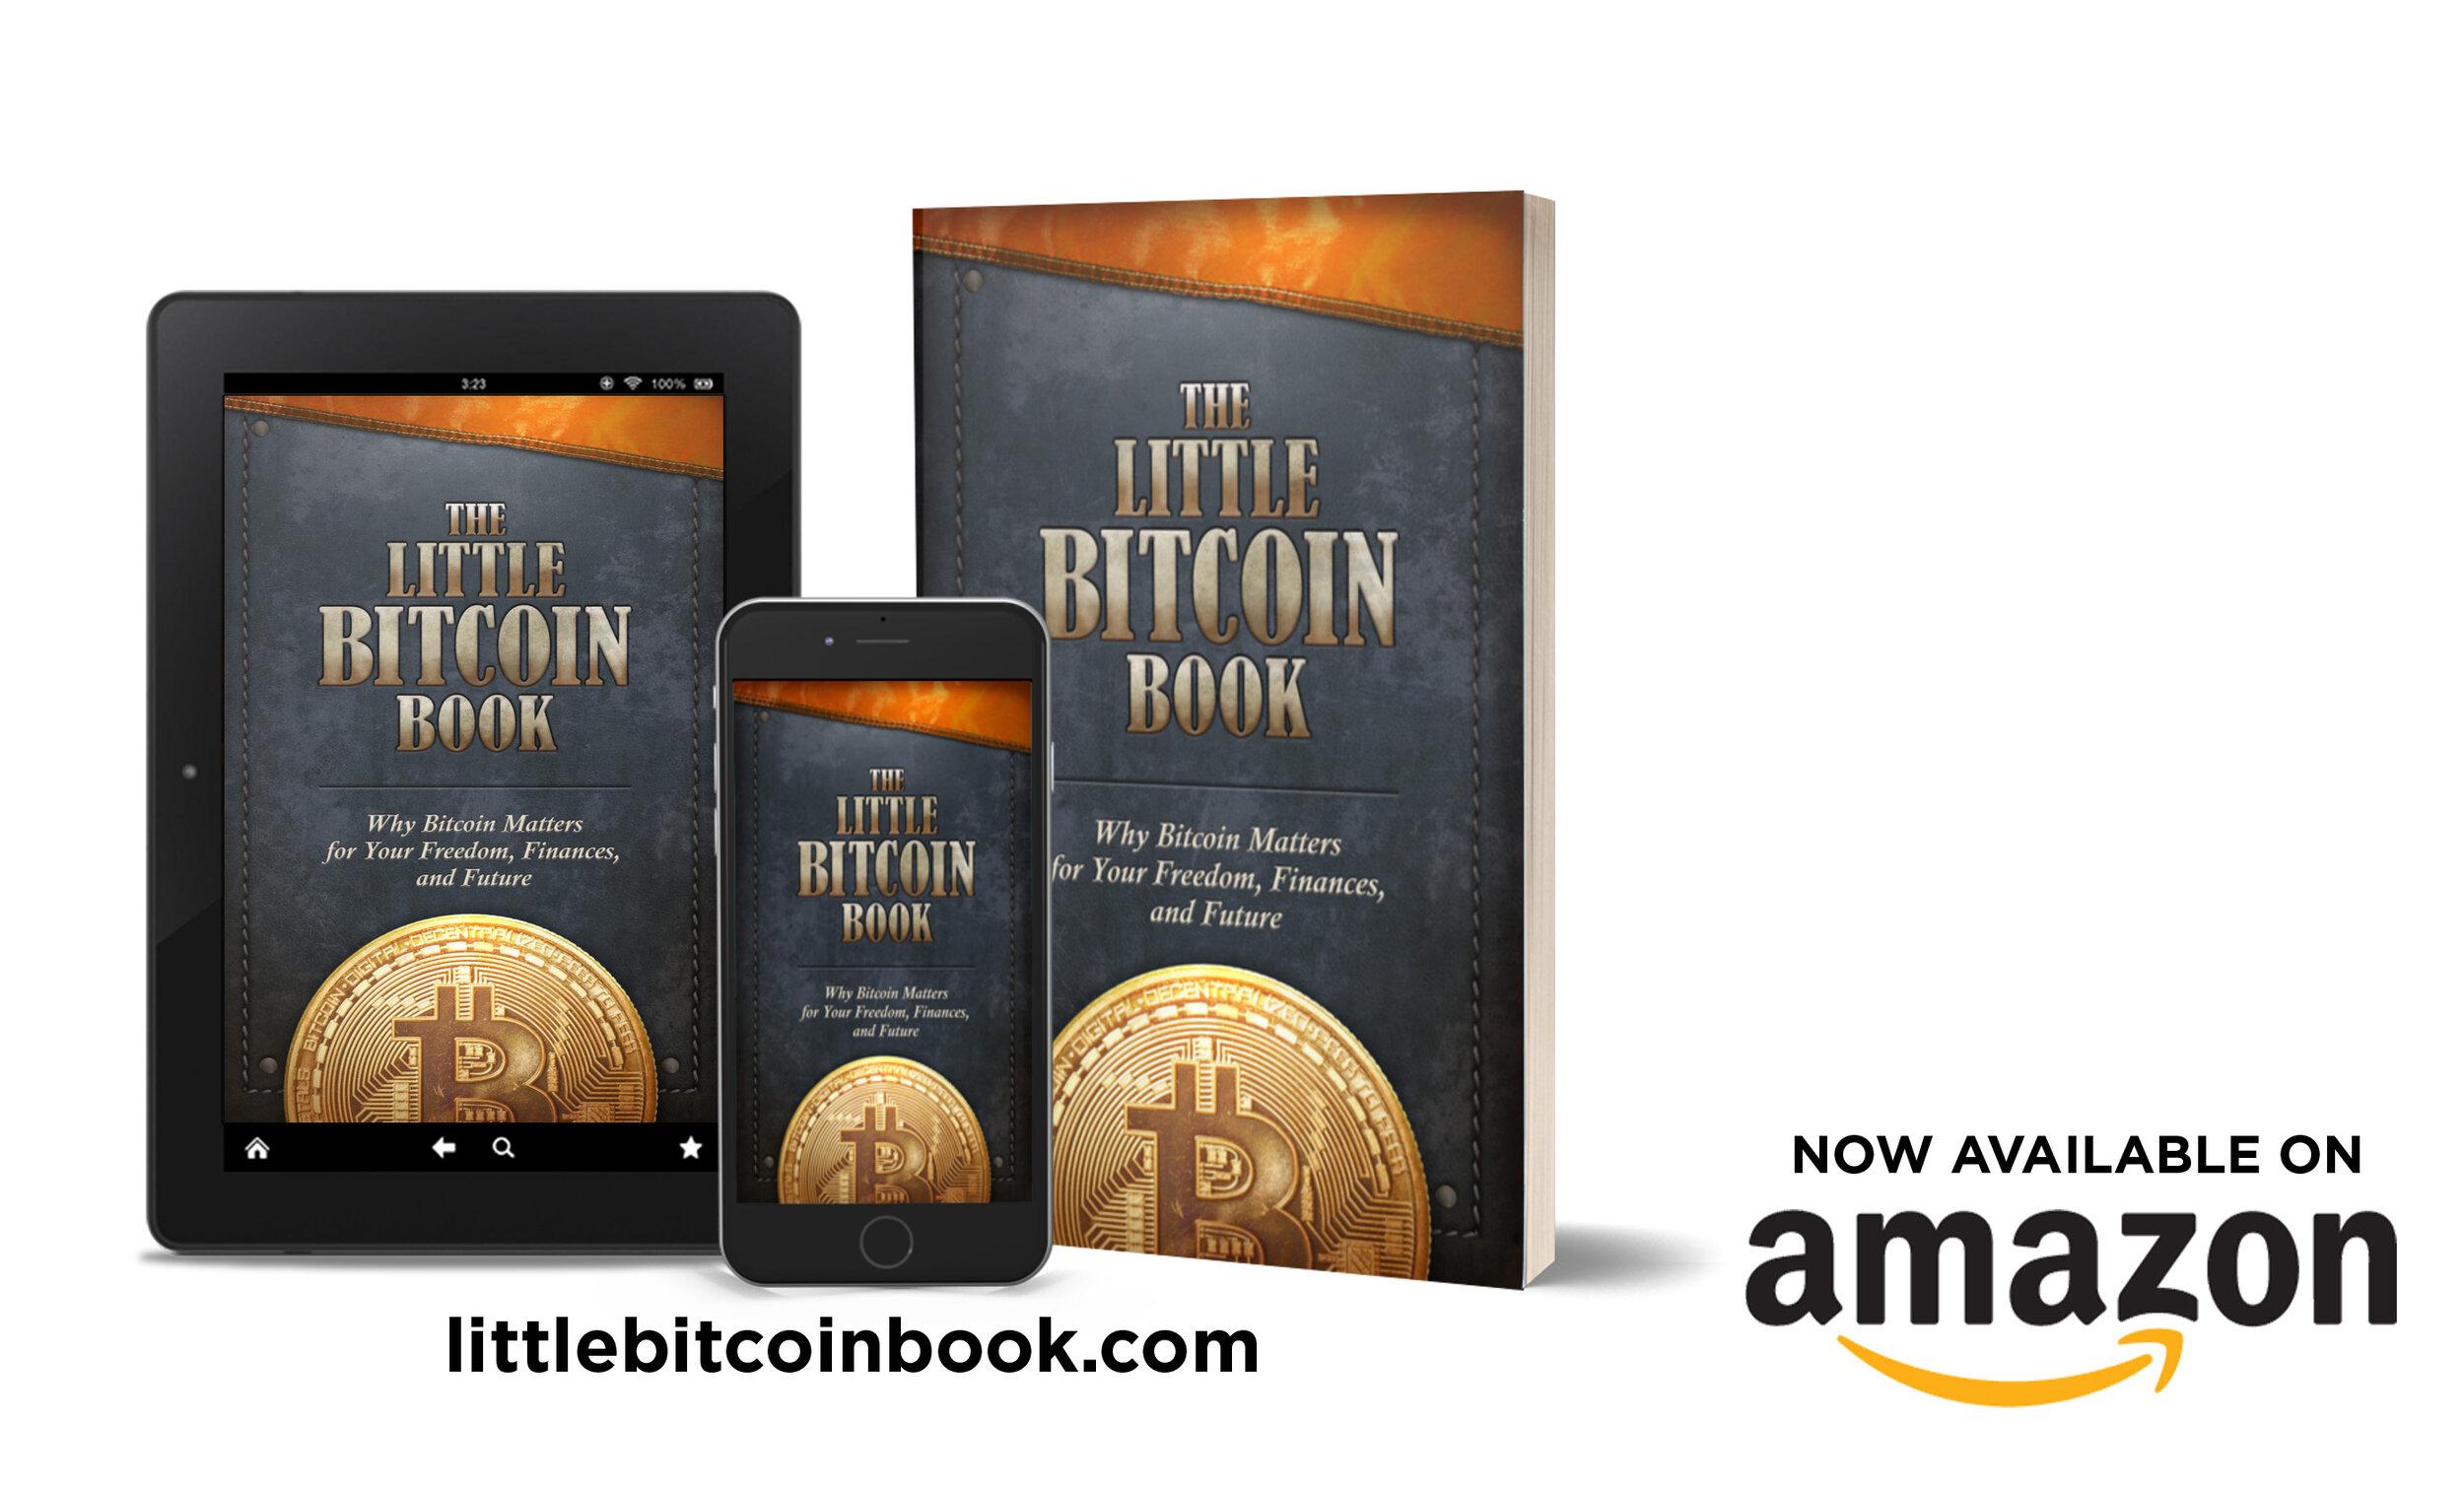 The Little Bitcoin Book on Amazon